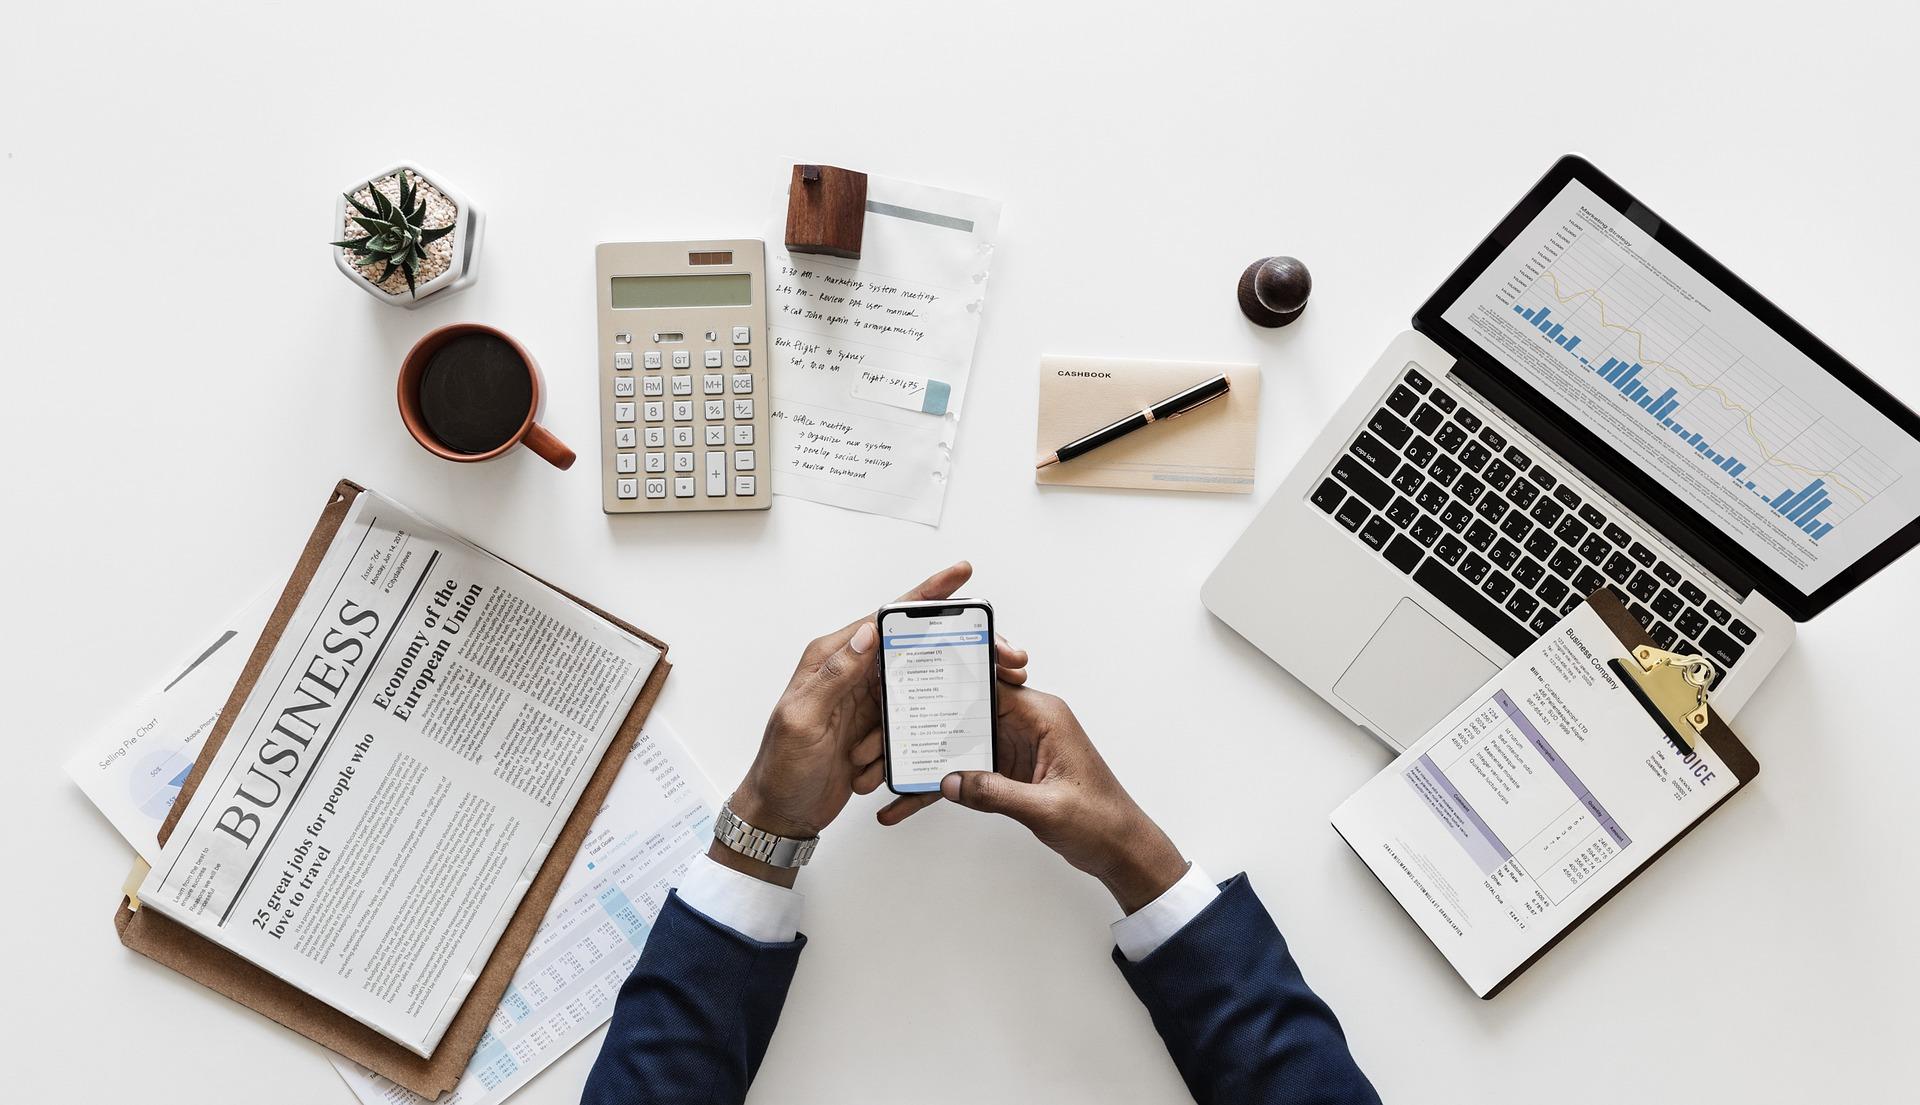 Parrainage Boursorama: Assurance Comptes et Comptes Premium